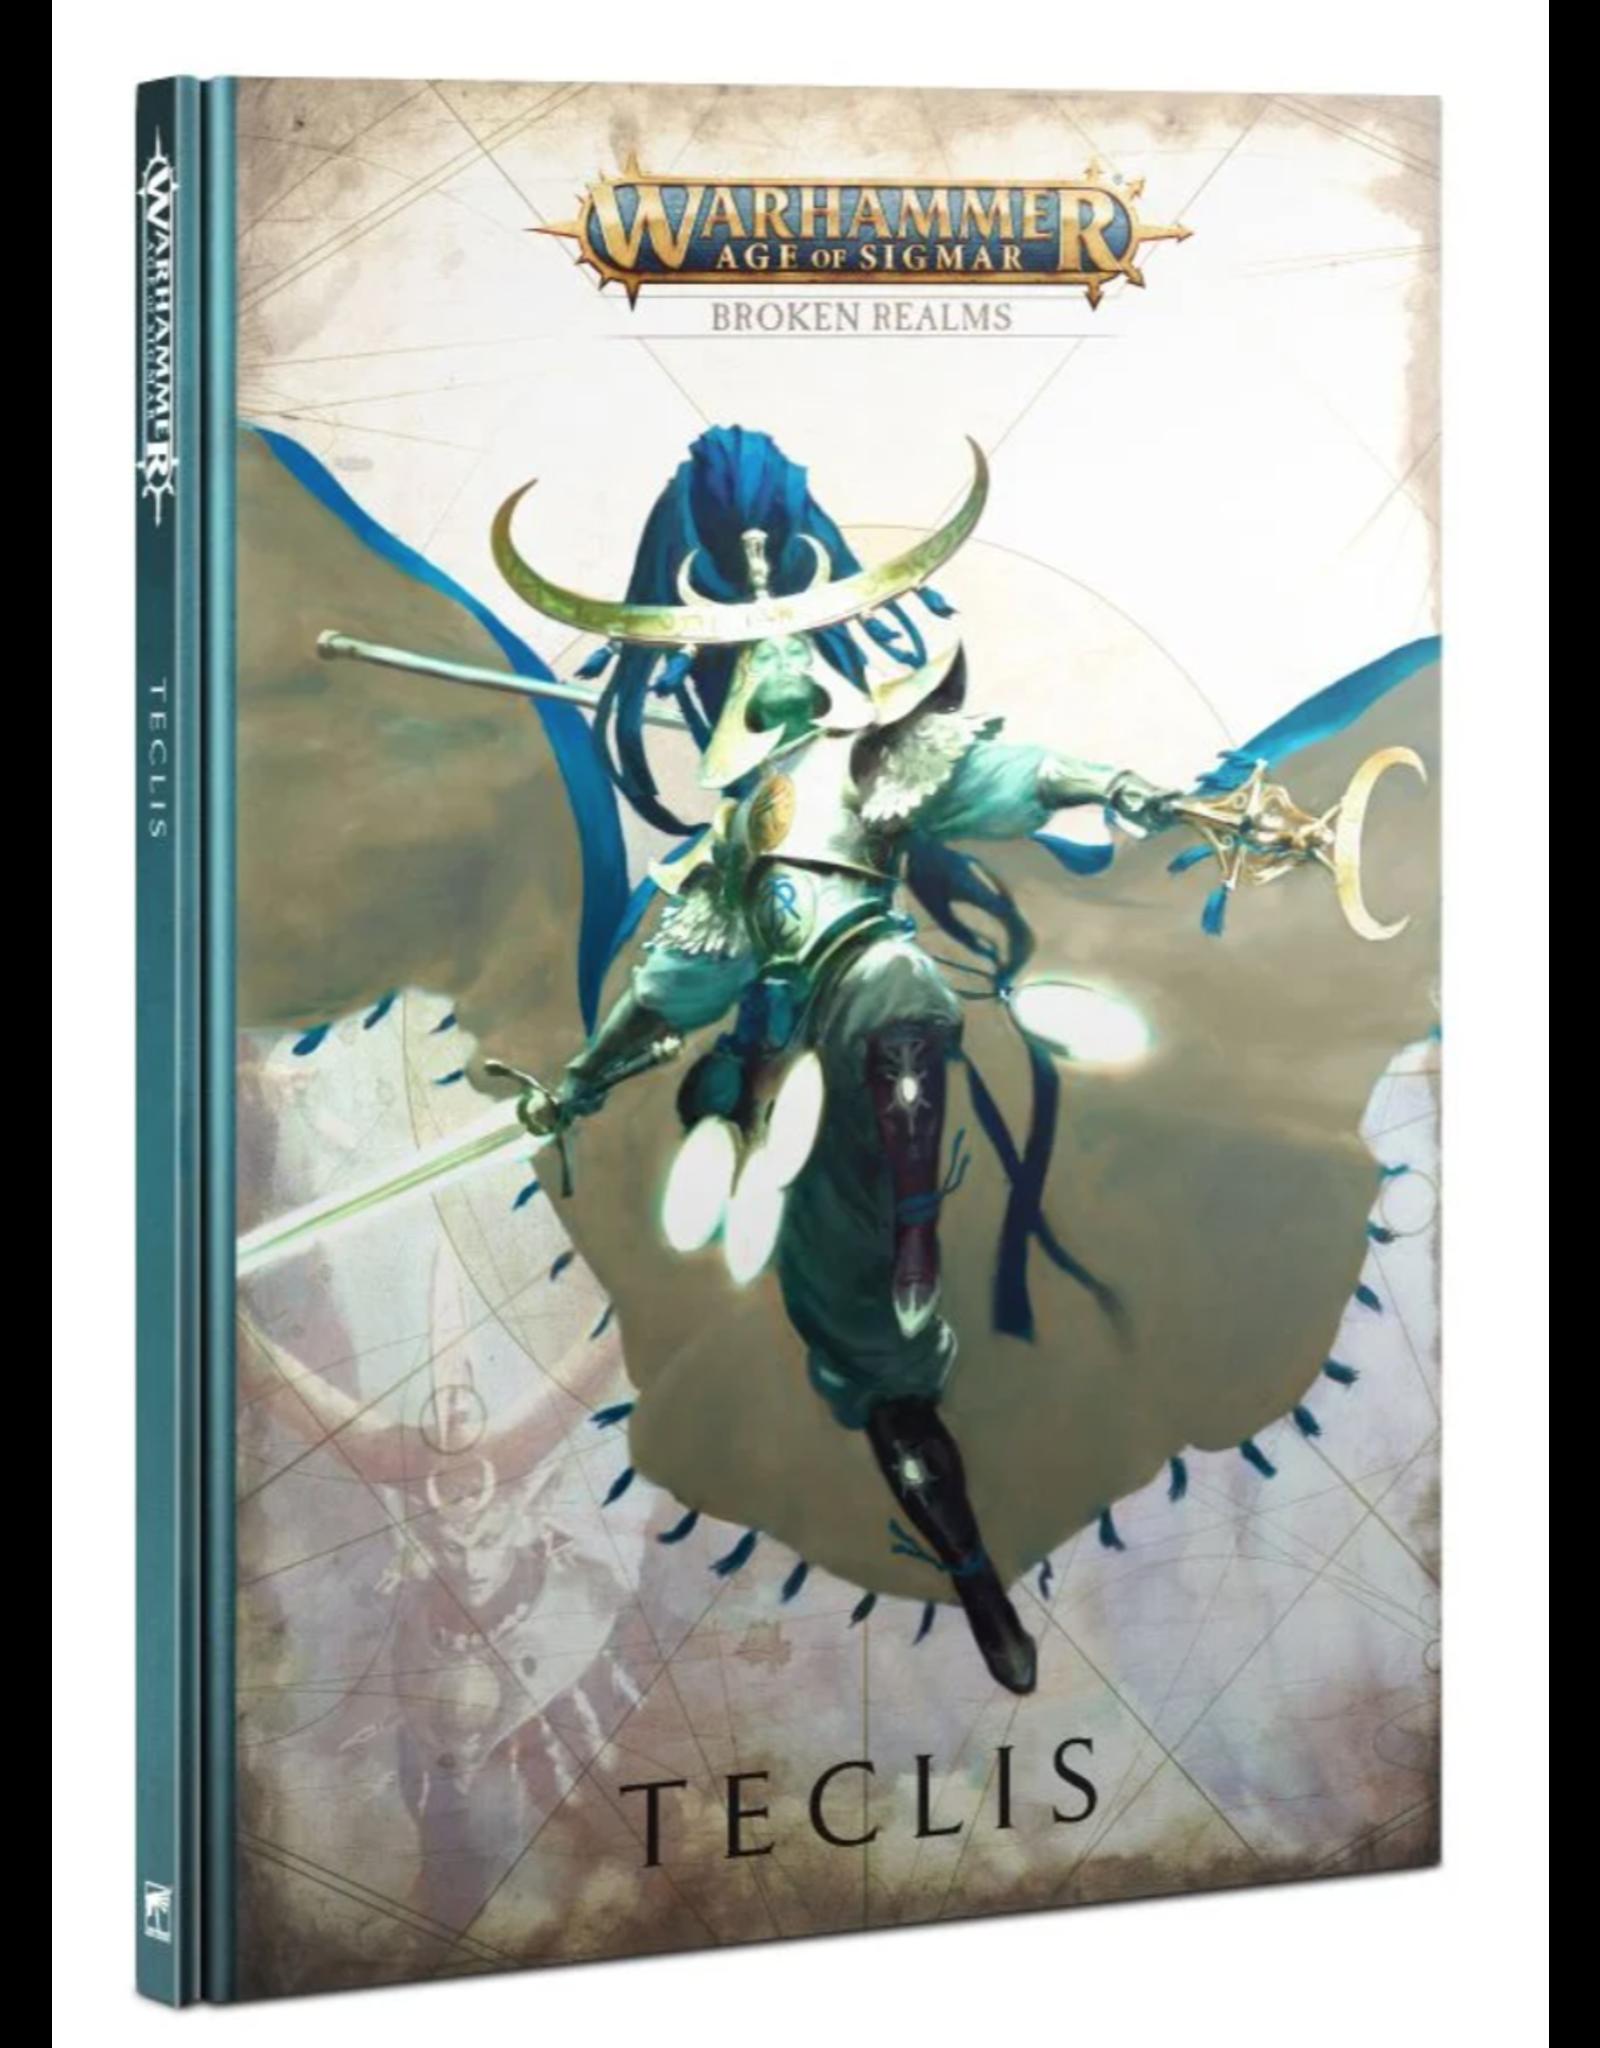 Age of Sigmar Broken Realms: Teclis